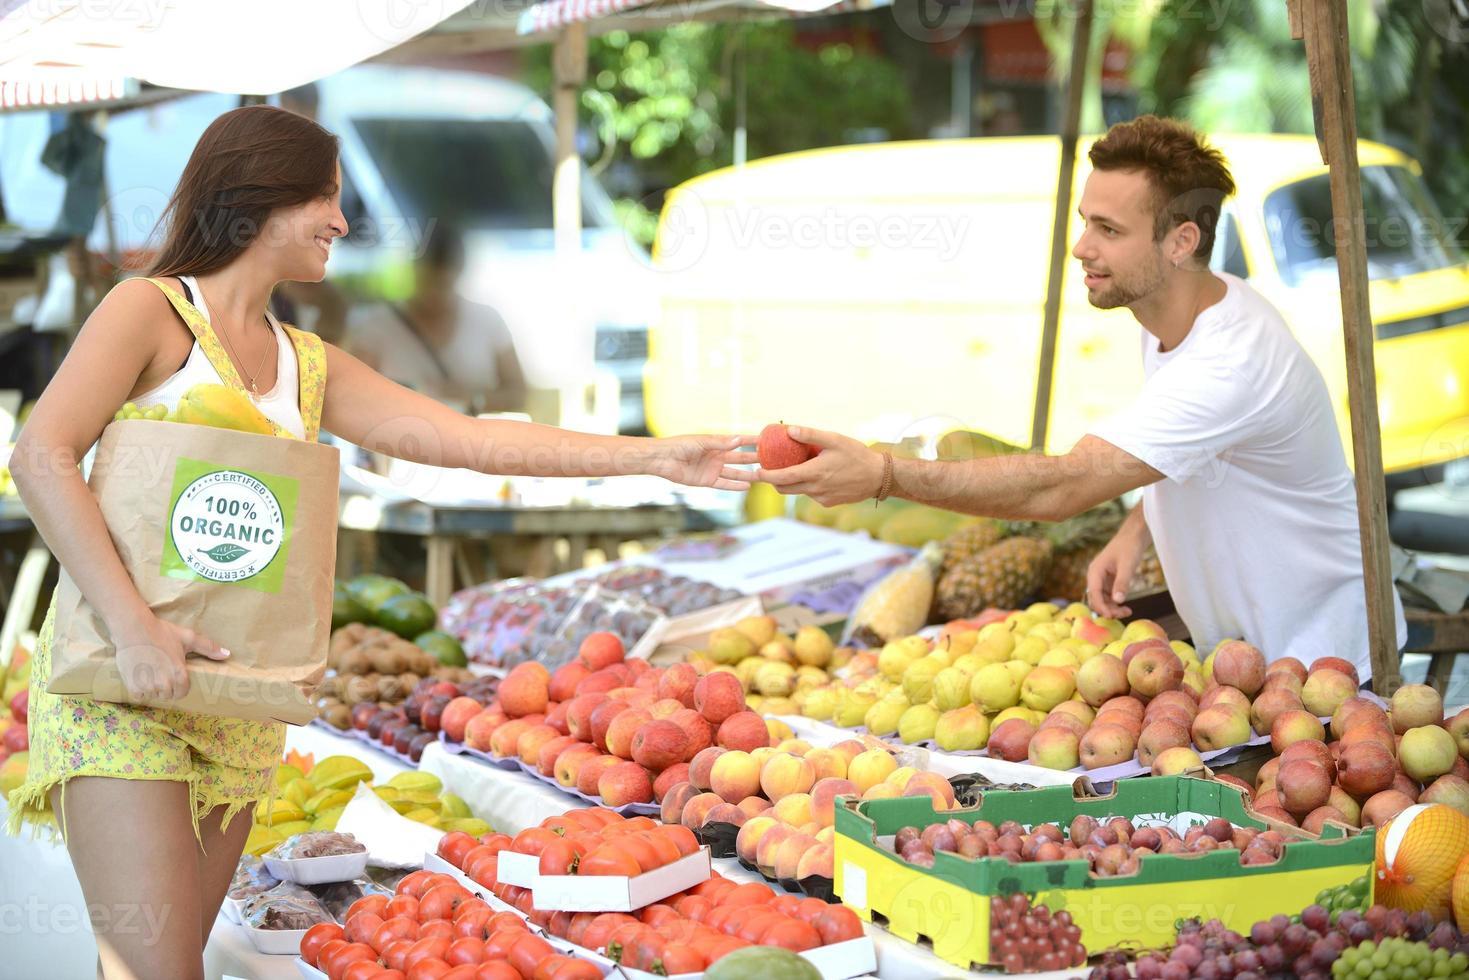 marchand de légumes distribuant un fruit à un consommateur. photo